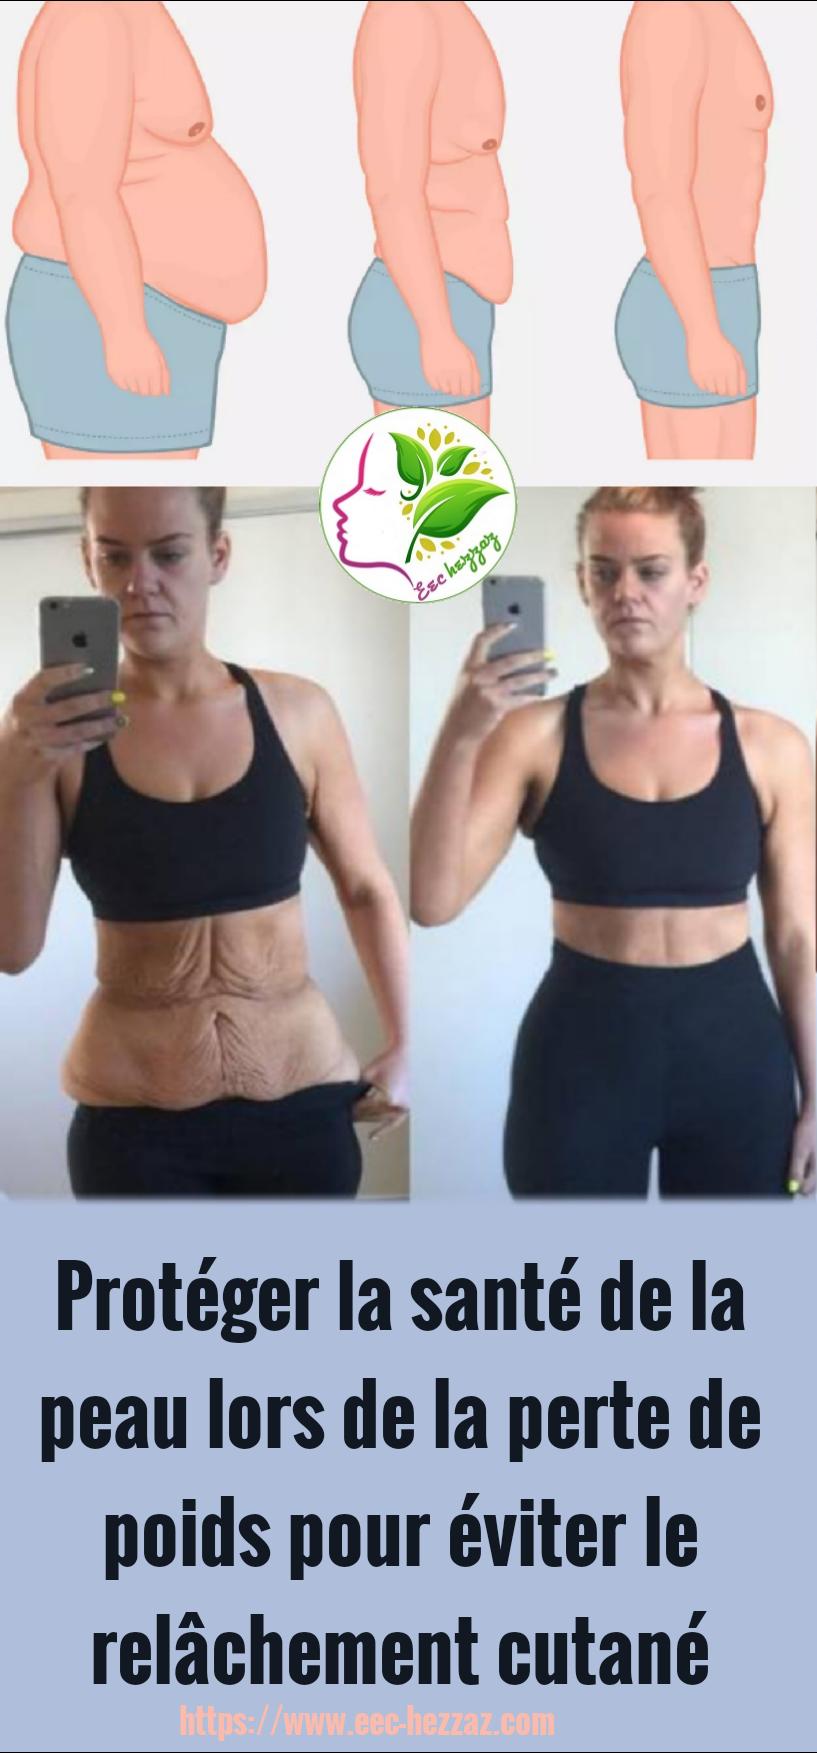 Protéger la santé de la peau lors de la perte de poids pour éviter le relâchement cutané